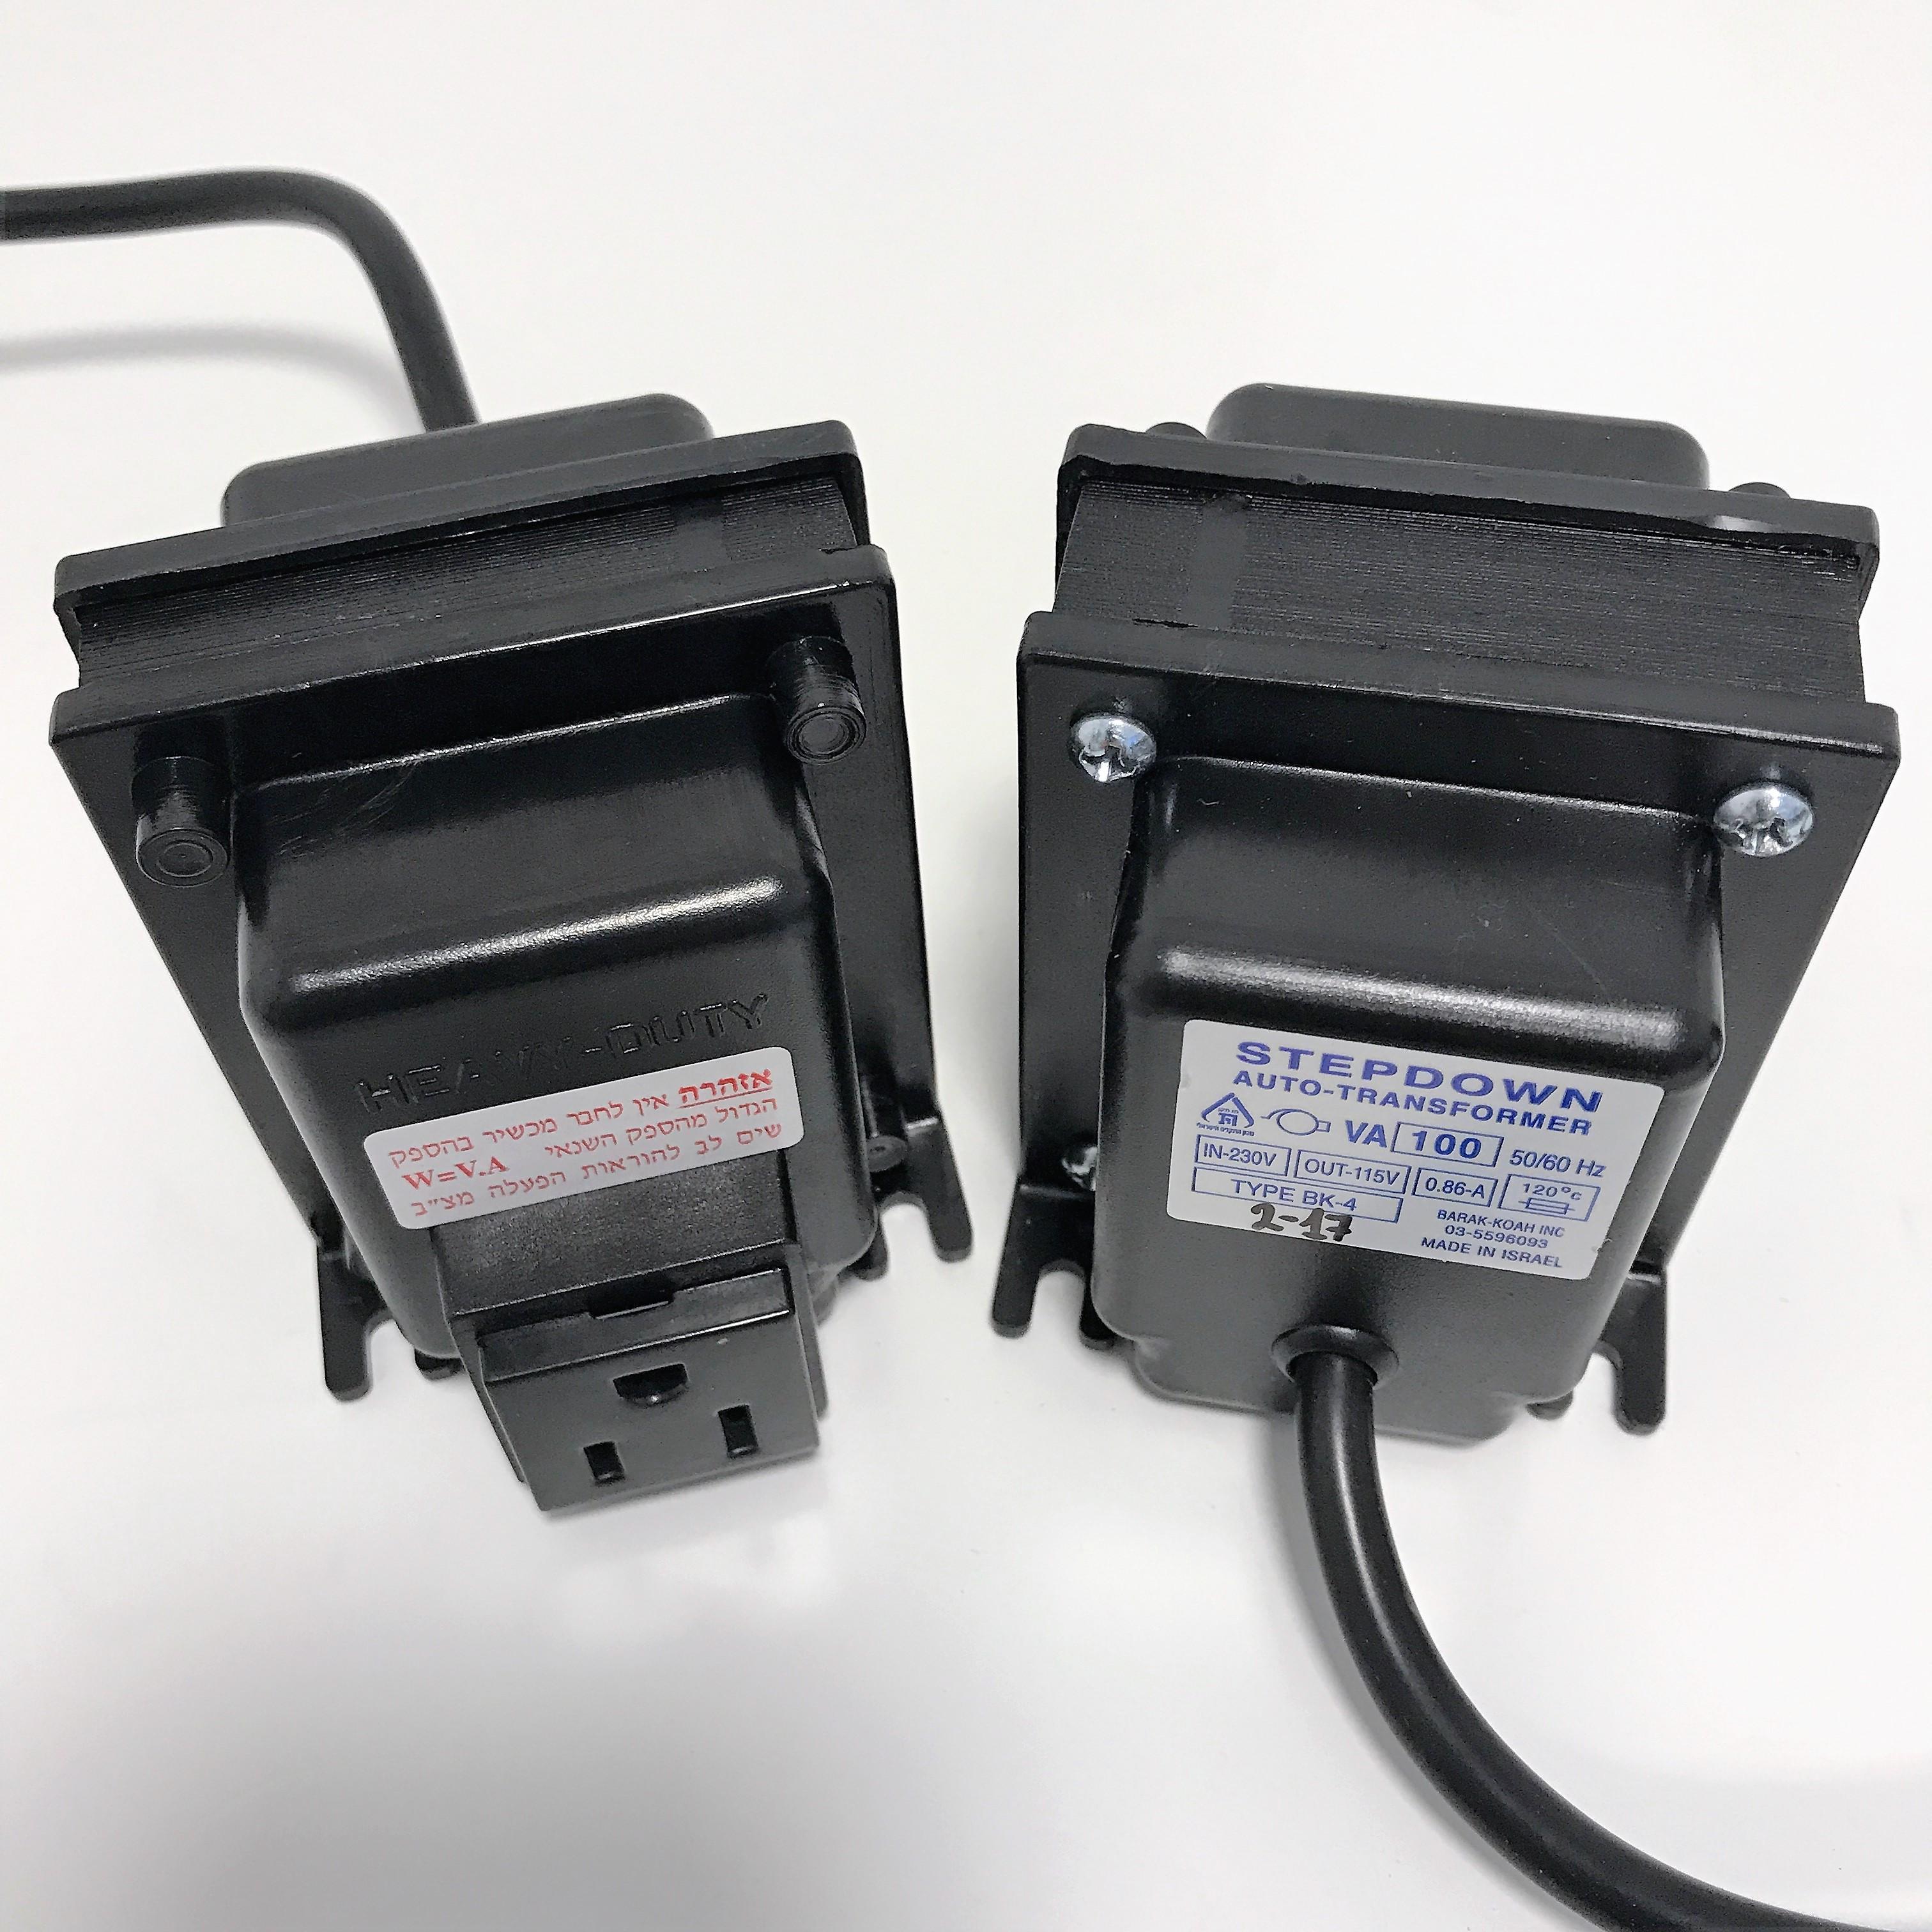 שנאי אוטוטרפו בהספק 600VA (למכשיר אמריקאי 115V)